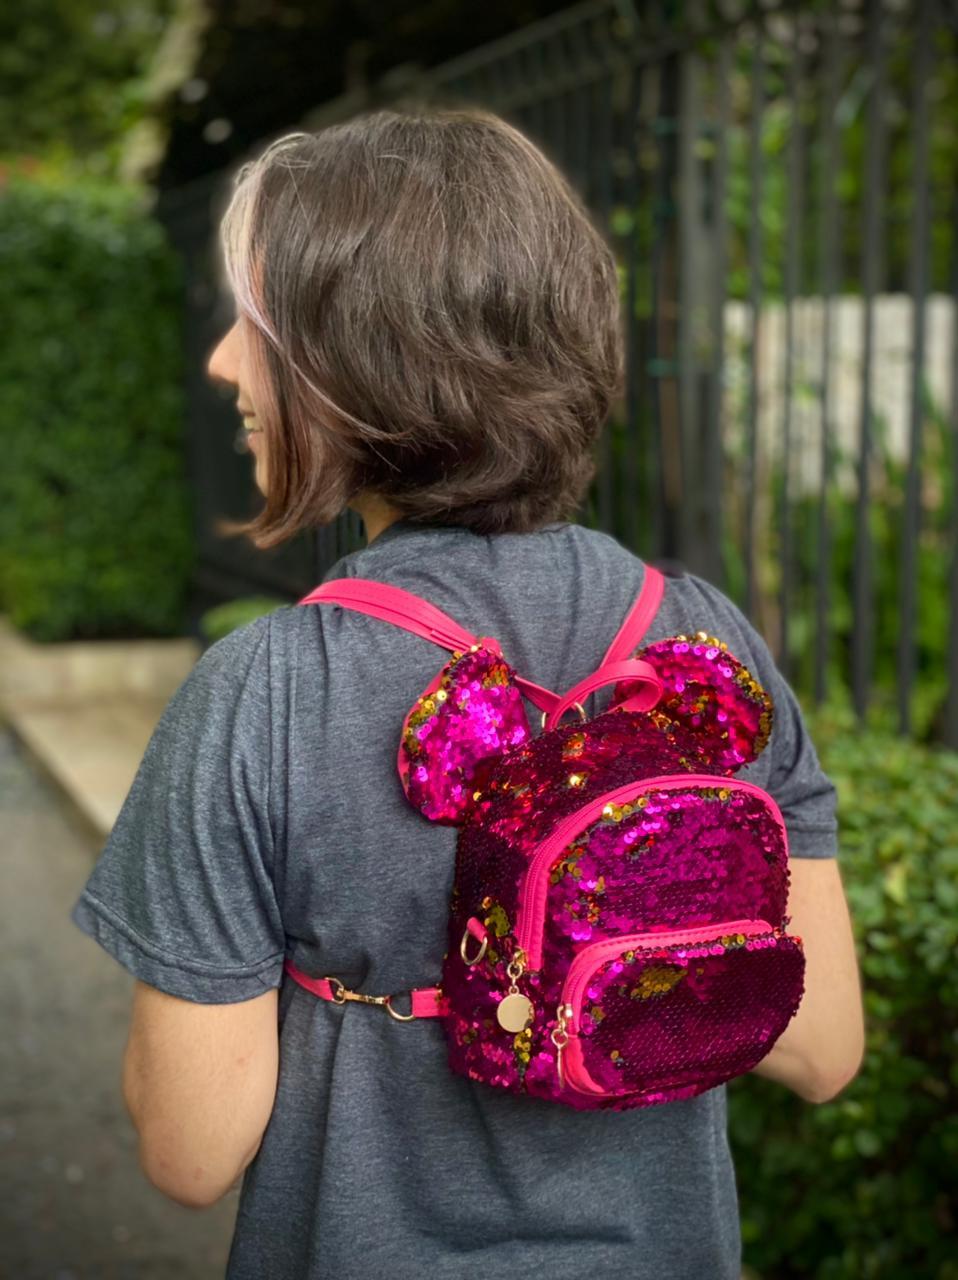 Mochila / Bolsa Mickey com Lantejoulas (Roxa e Douado): Disney